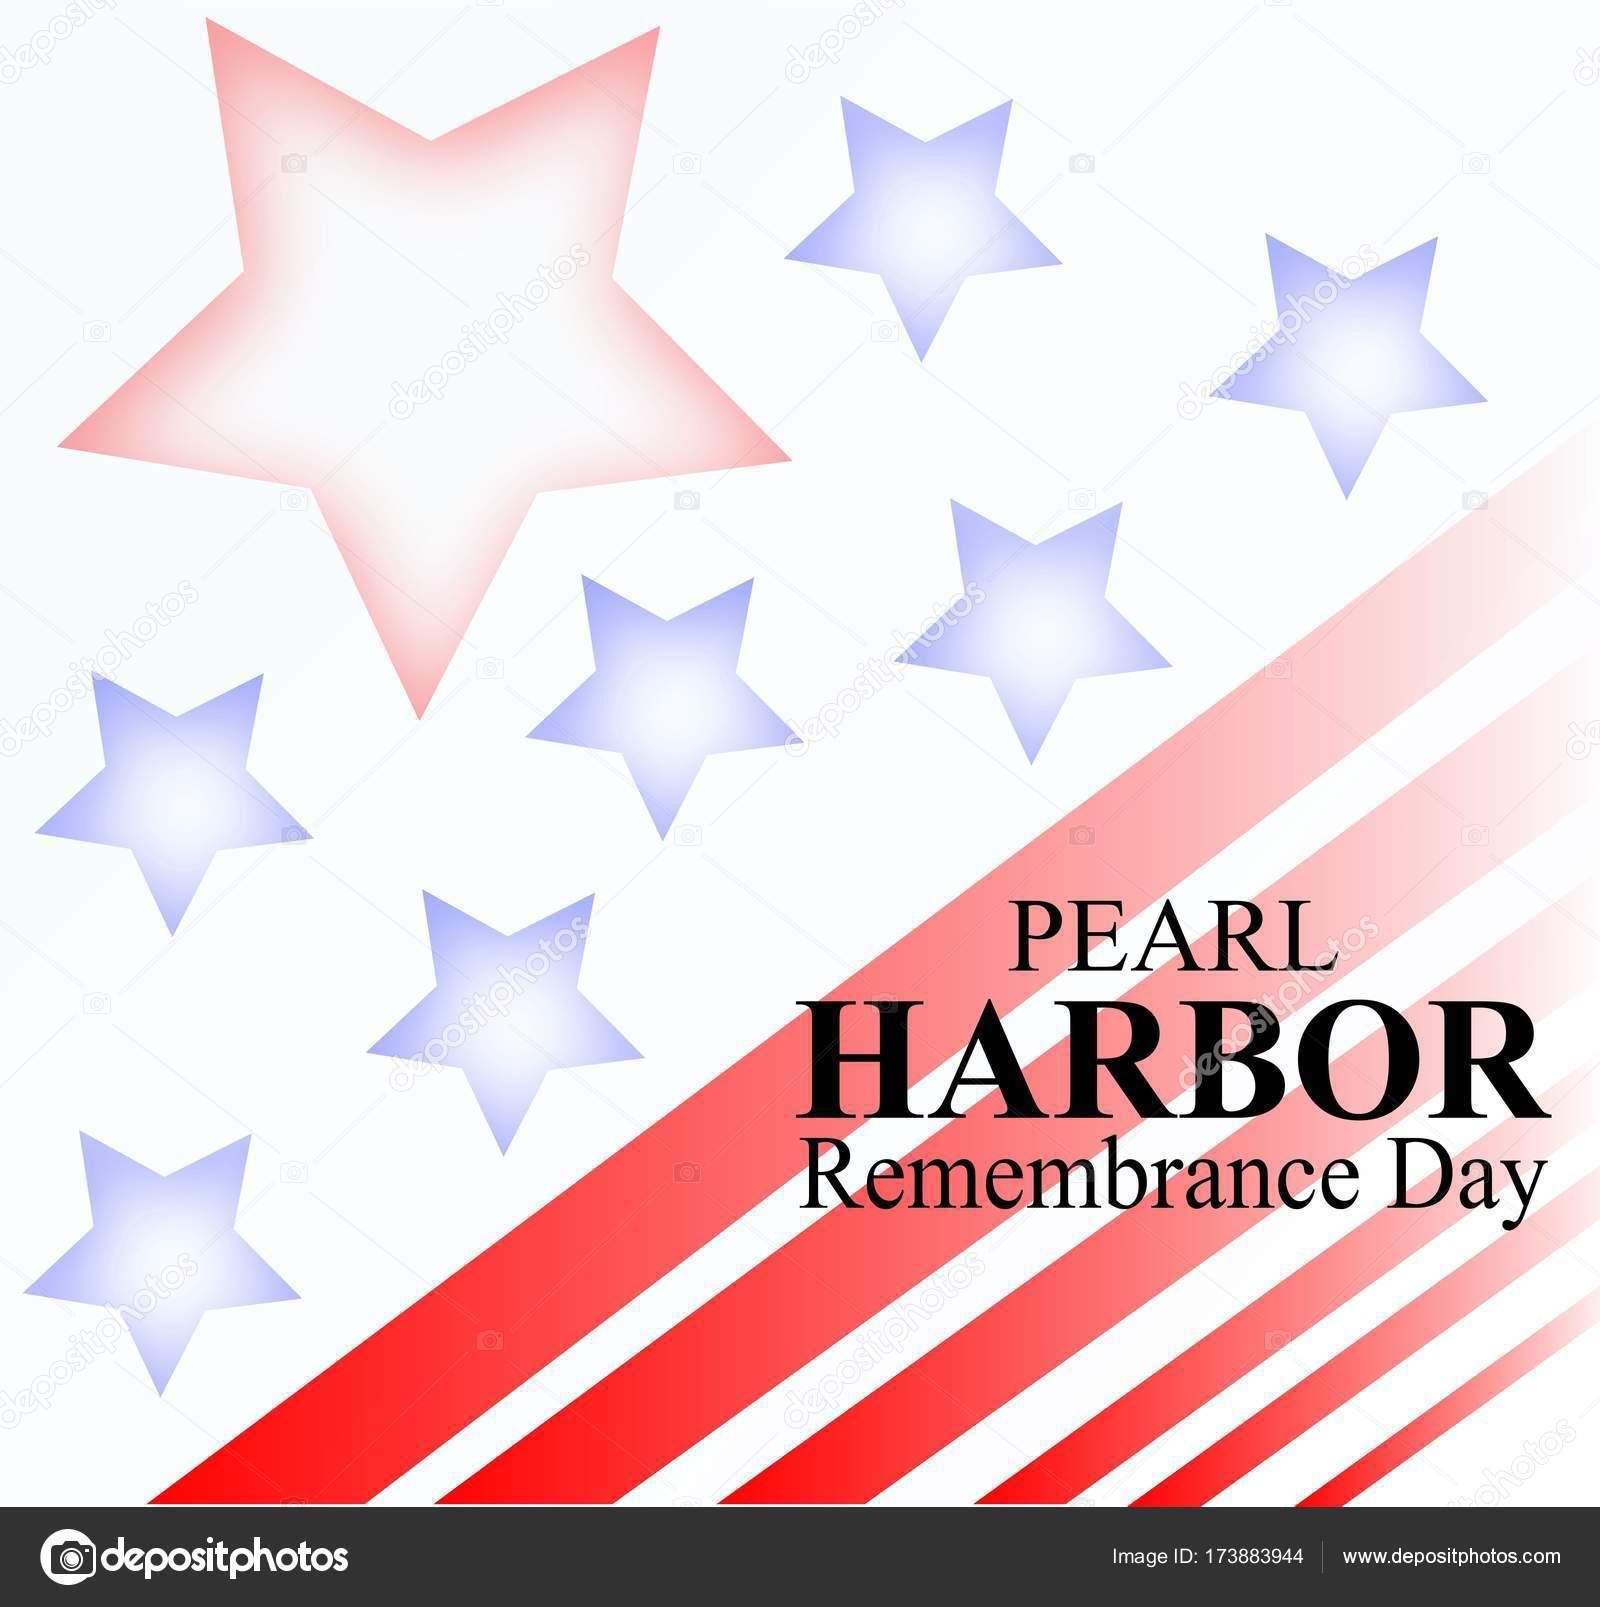 真珠湾攻撃記念日の背景のベクトル イラスト ストックベクター